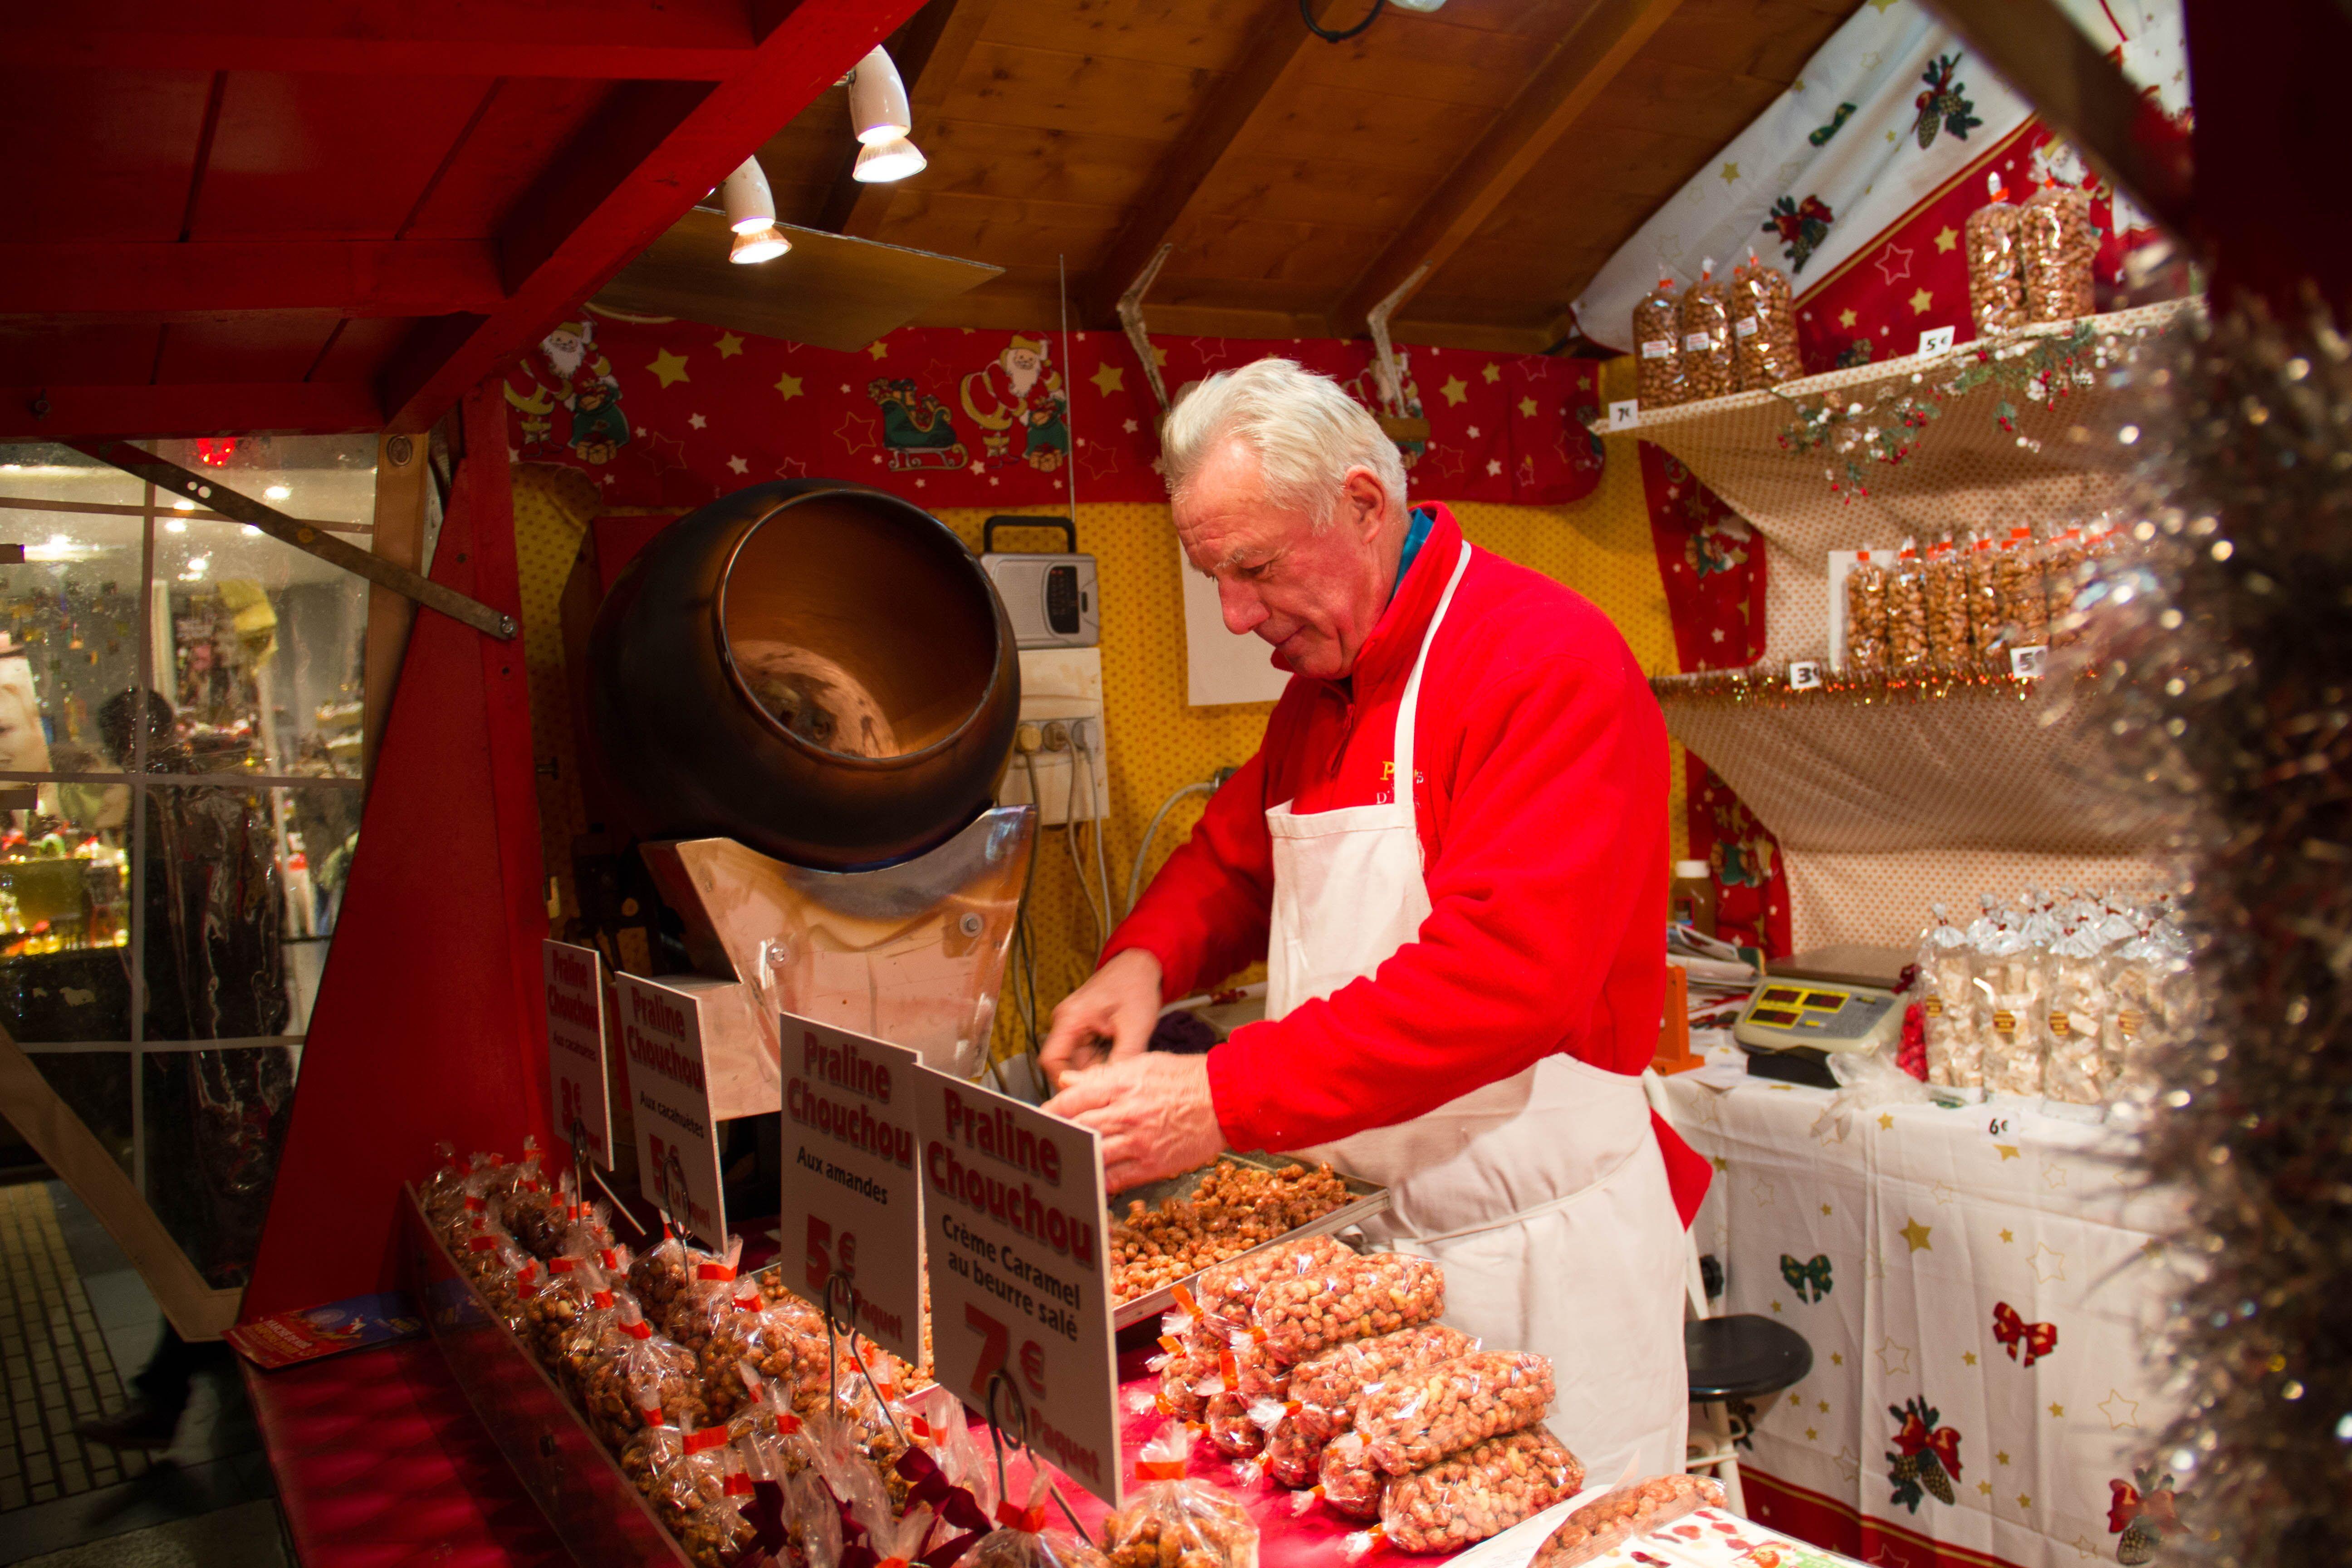 Le Marché de Noël d'Amiens : plus de 130 exposants et beaucoup de nouveautés